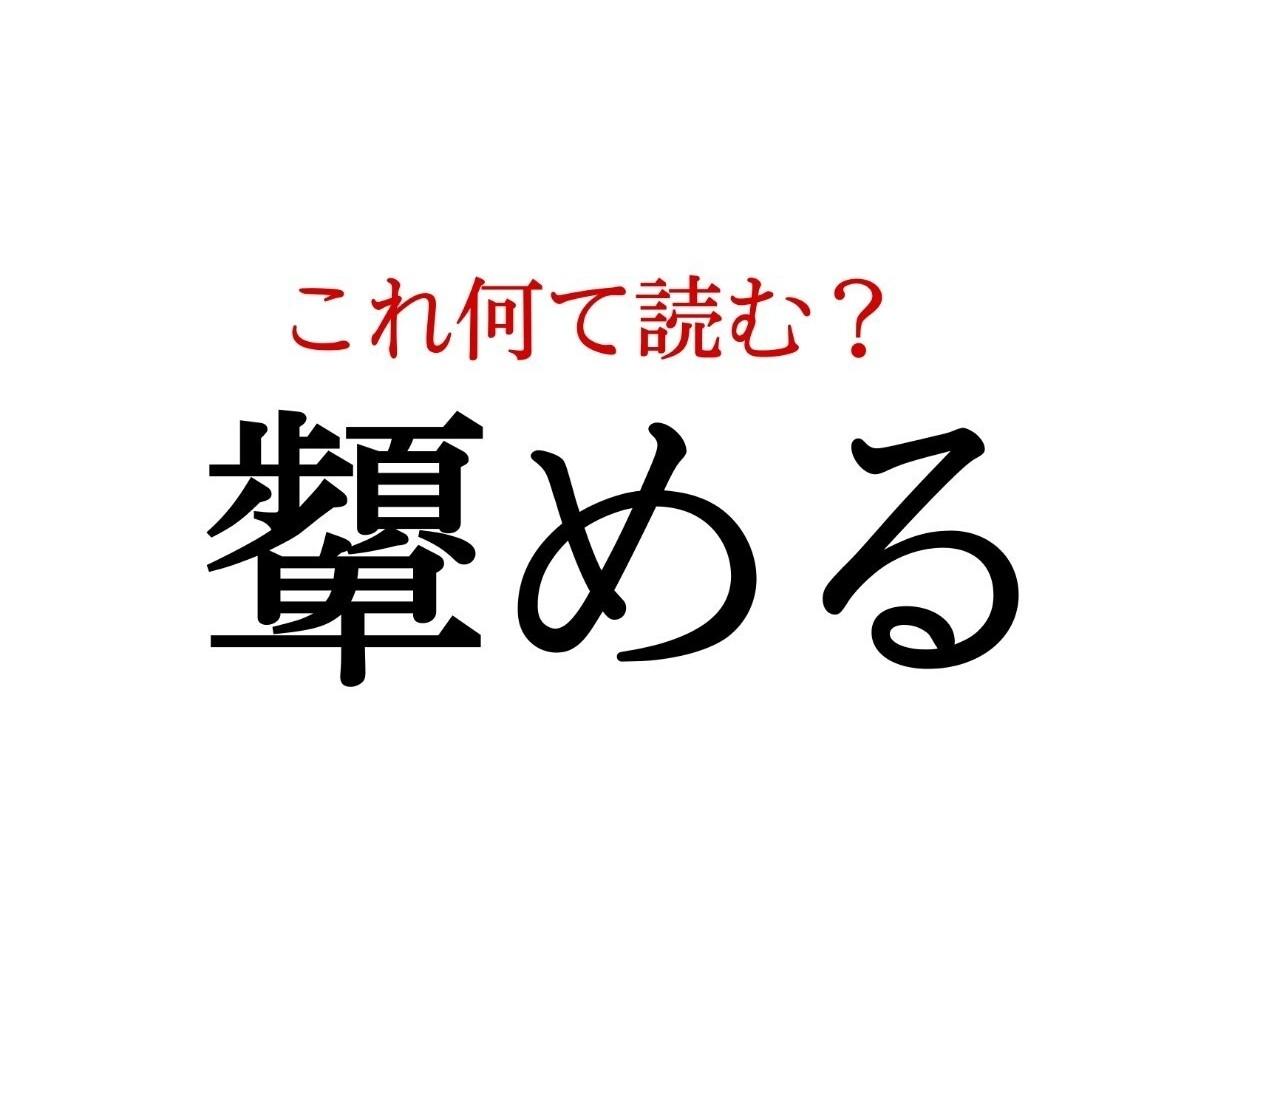 「顰める」:この漢字、自信を持って読めますか?【働く大人の漢字クイズvol.289】